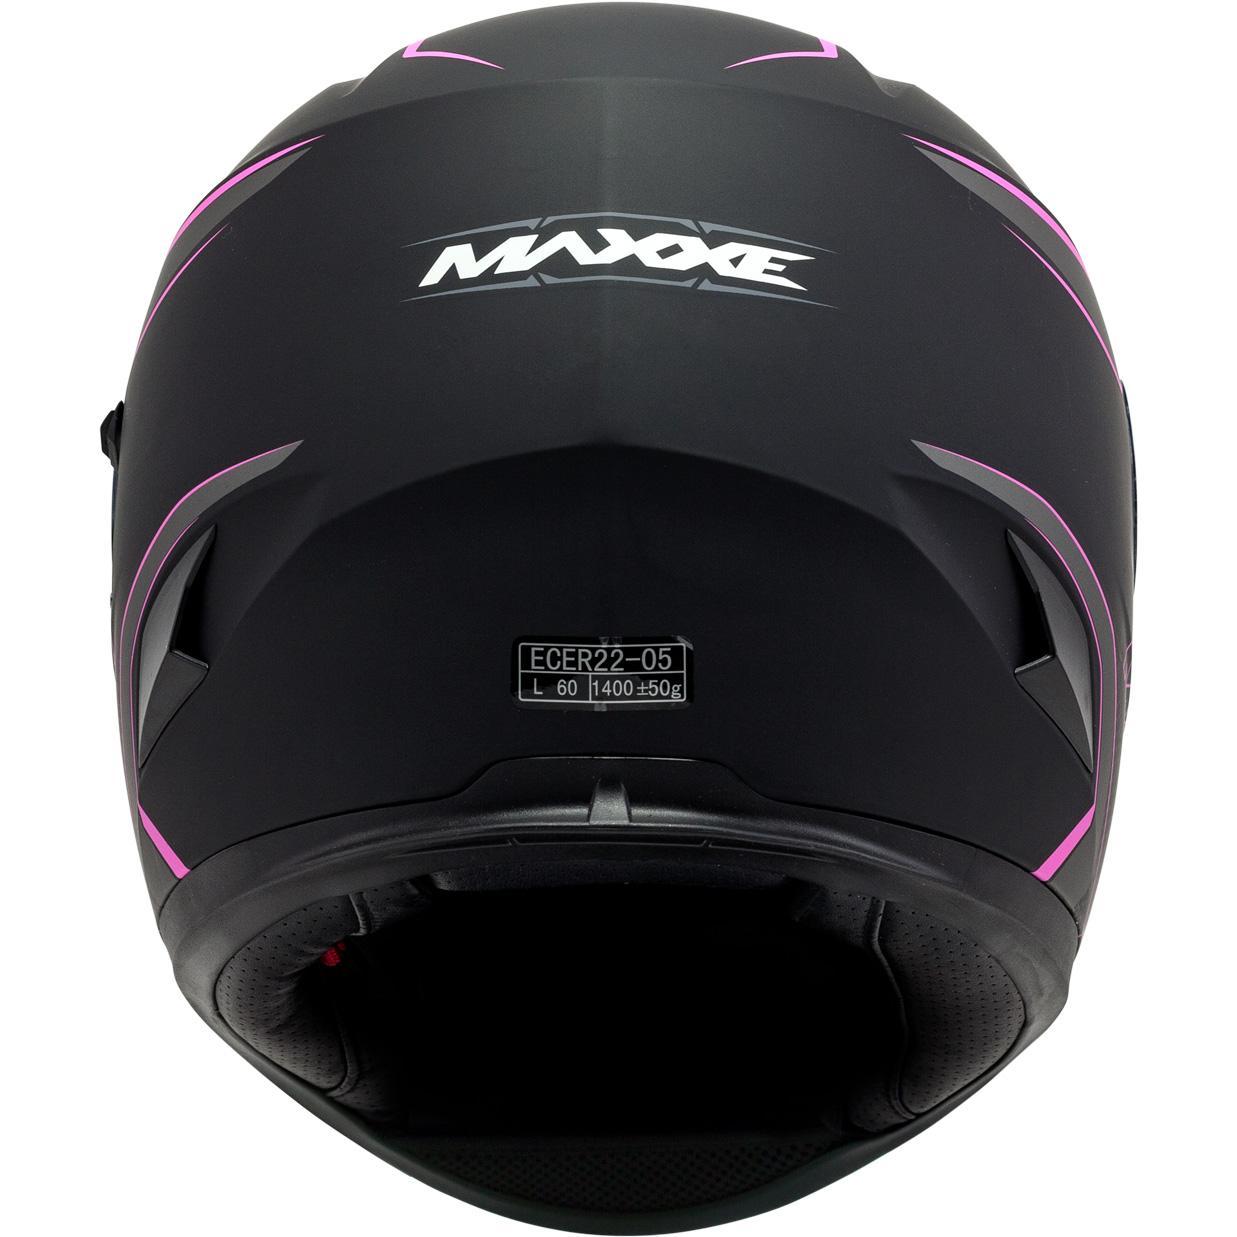 MAXXE-casque-street-image-9627110